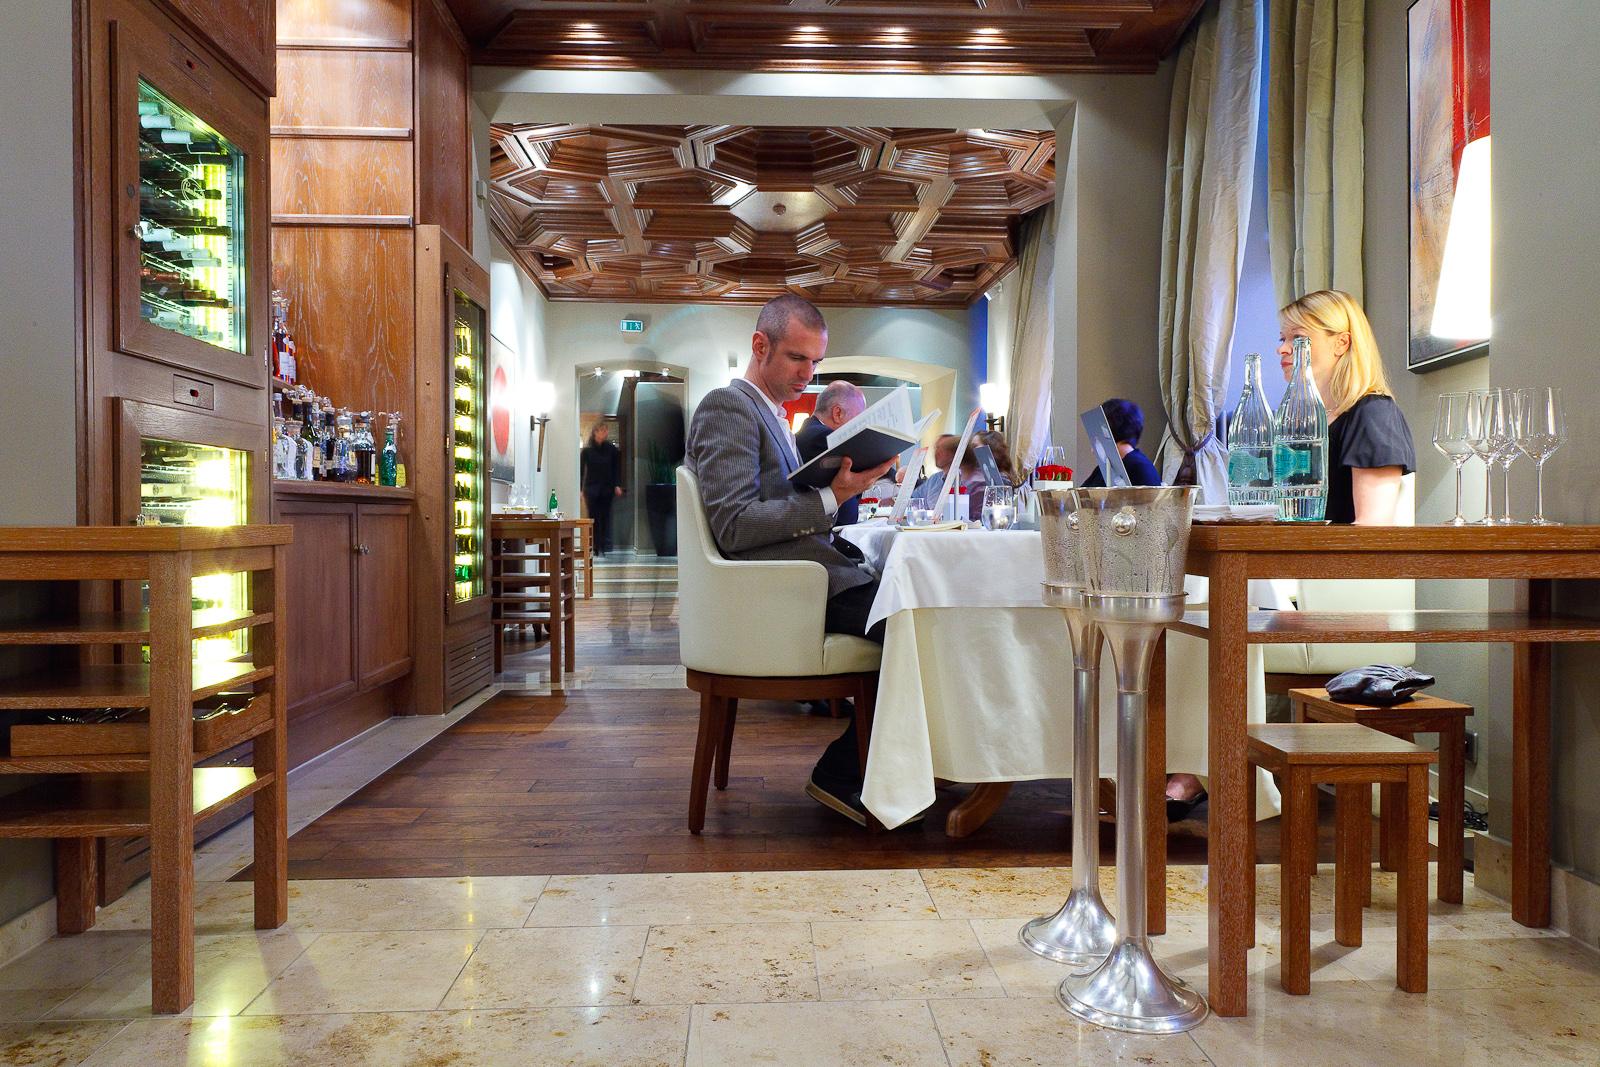 Dining room at Schloss Berg